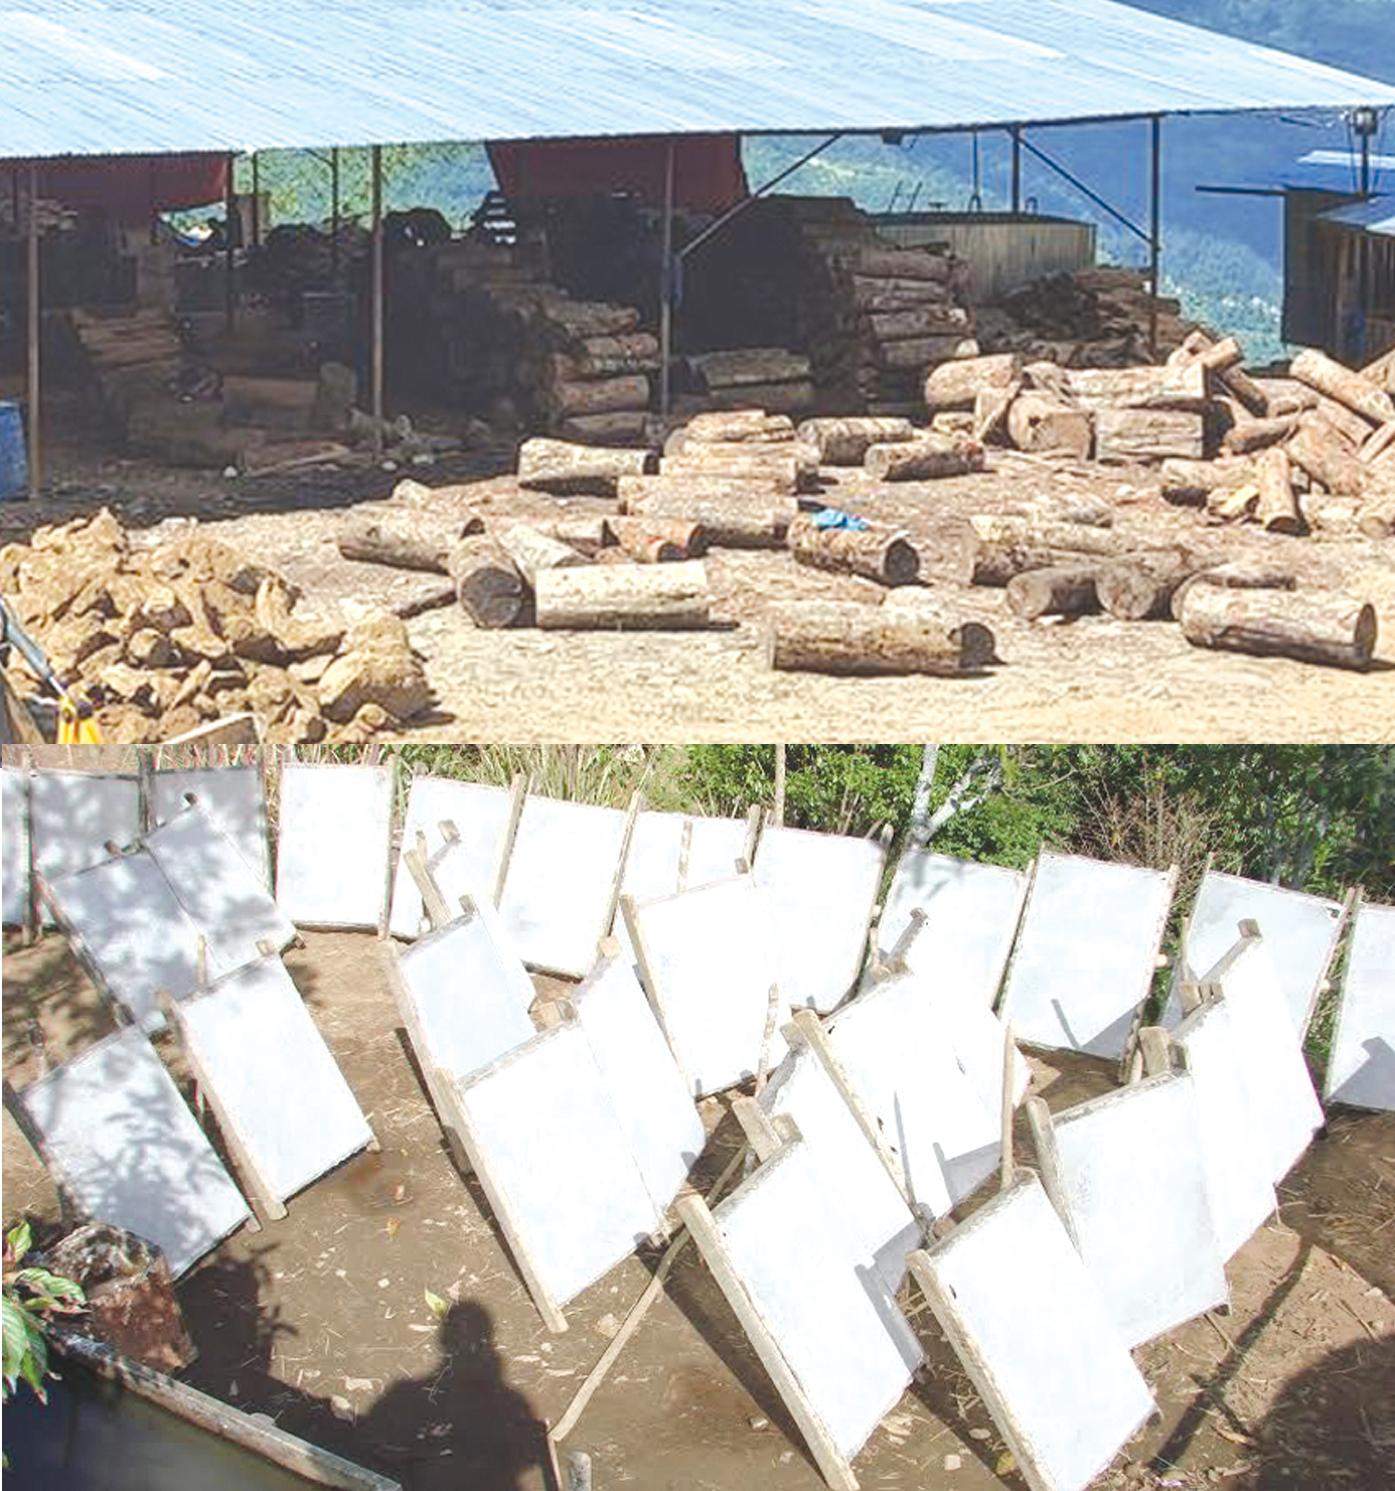 वैदेशीक रोजगार पश्चात् सिकेका सीपलाई आफ्नै गाउँमा उपयोग गर्दै युवाहरु